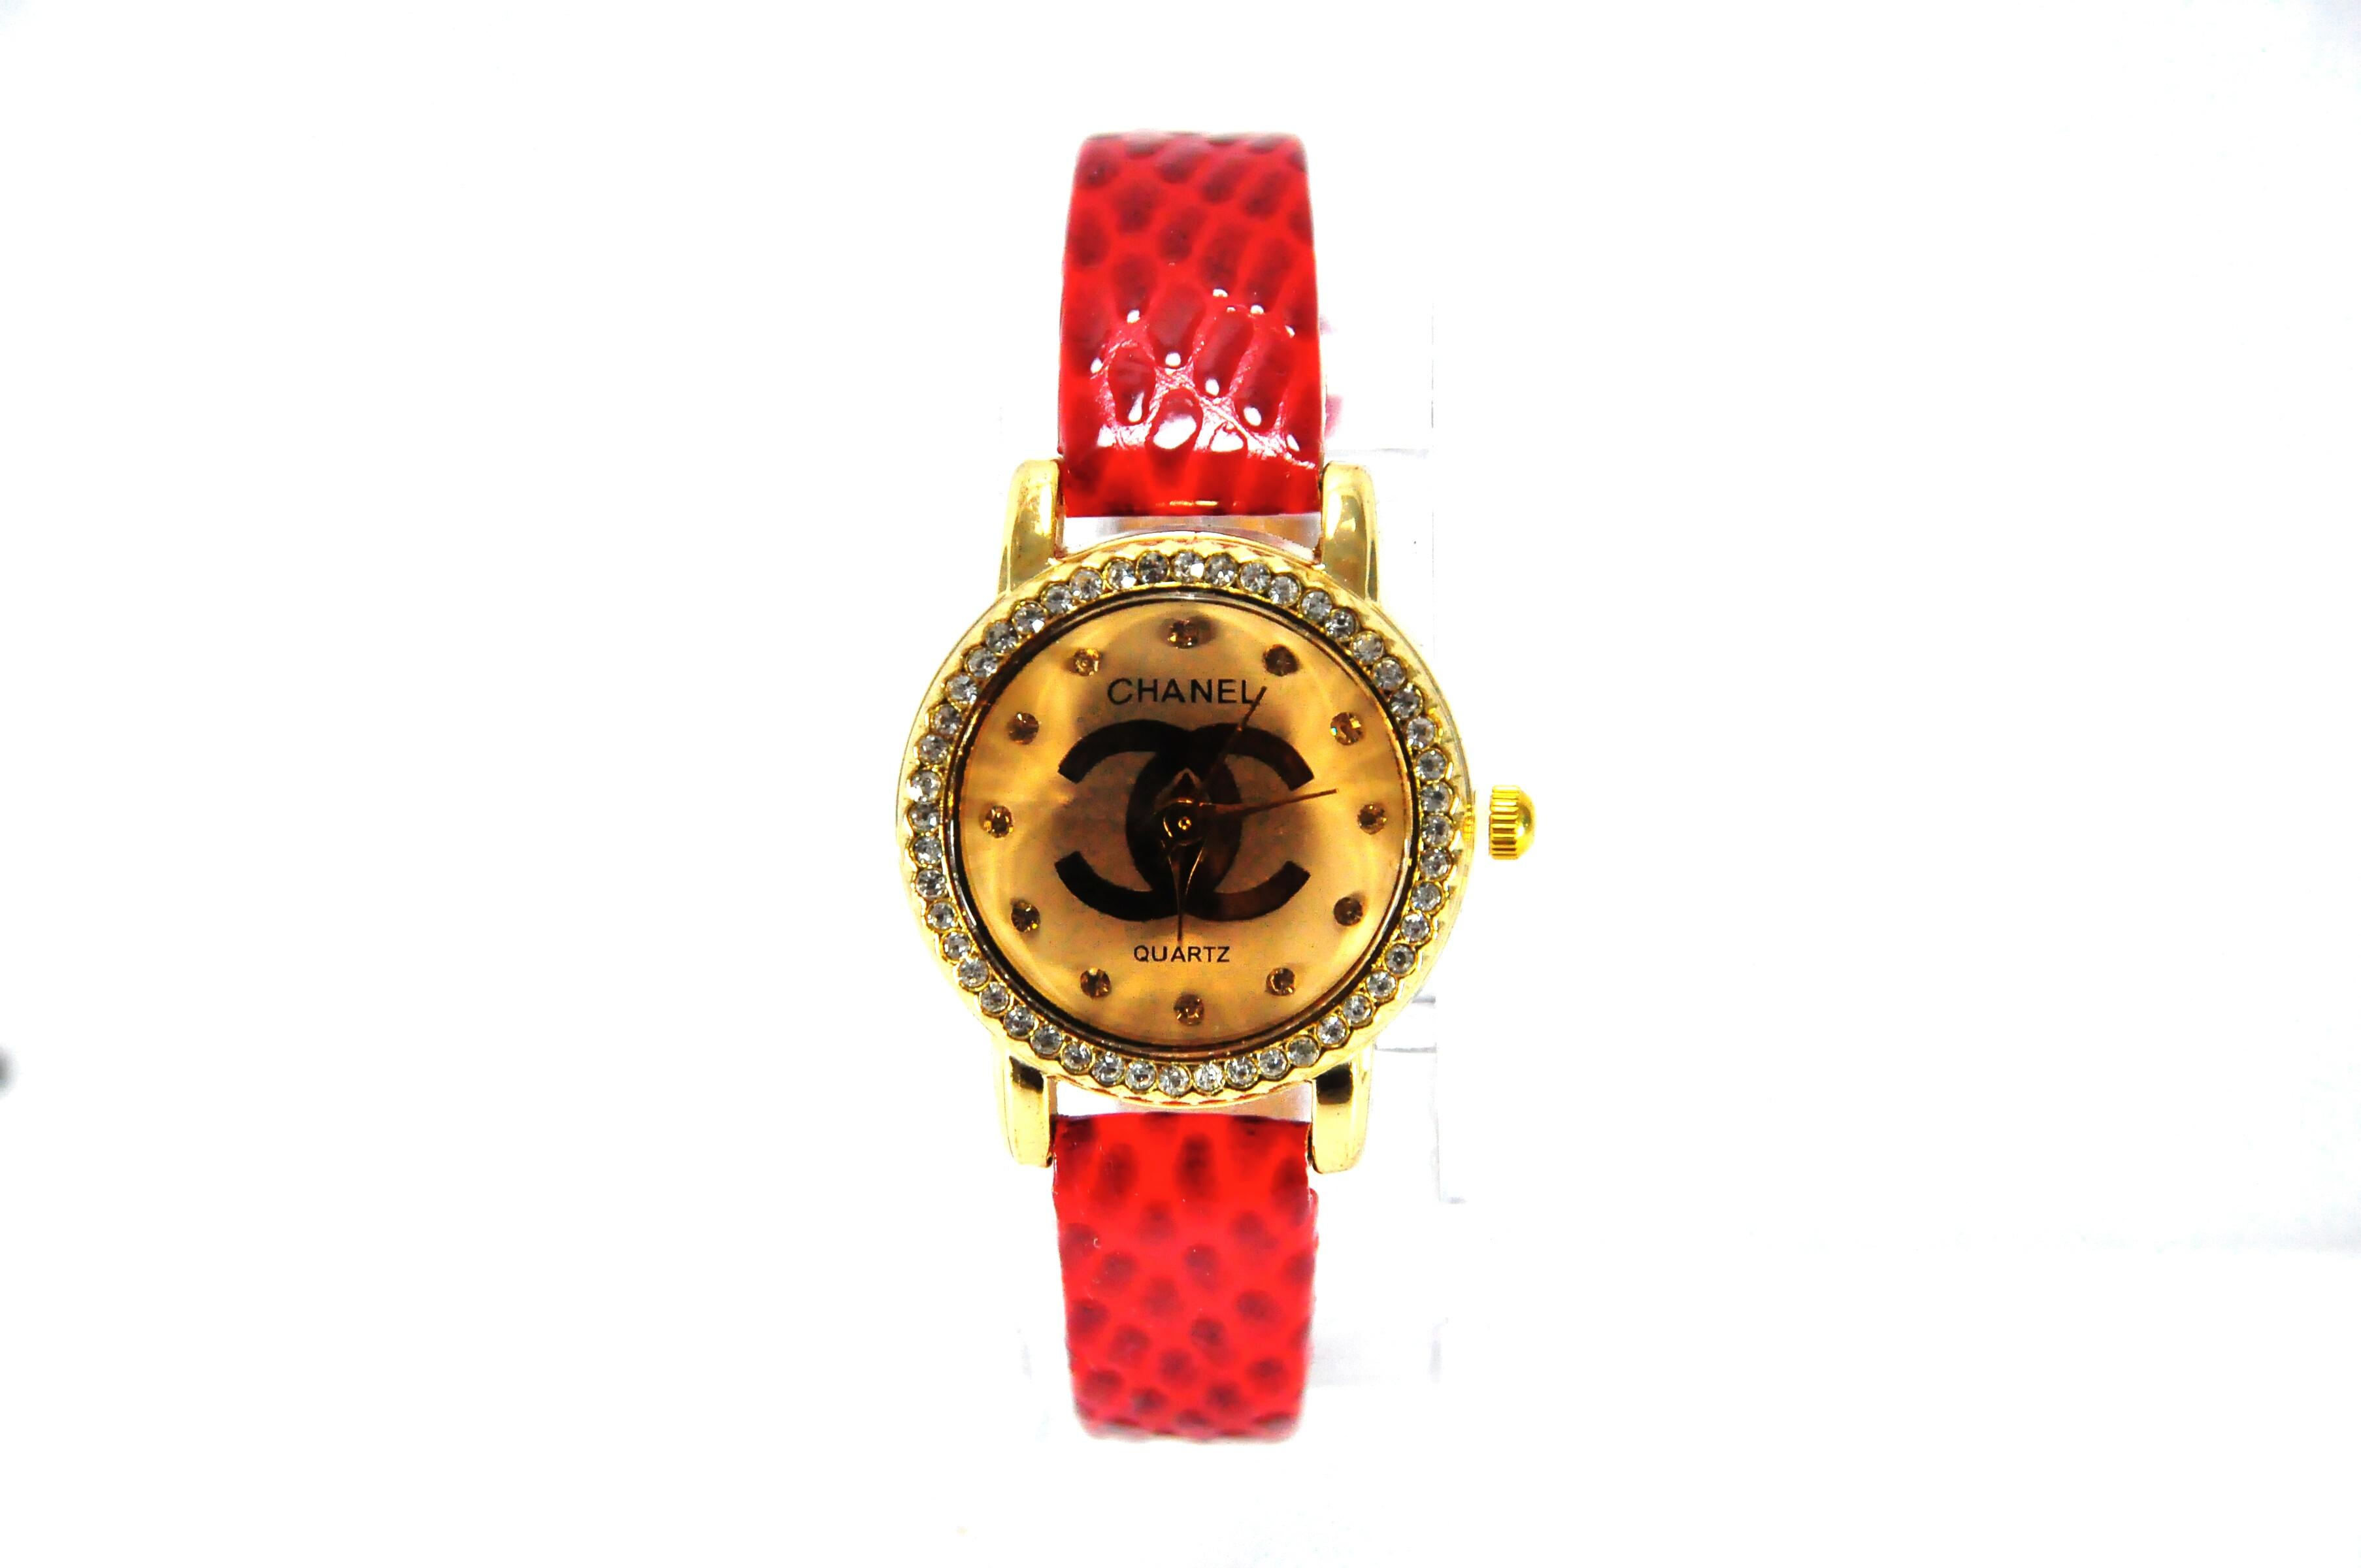 นาฬิกาแฟชั่น หรู ชานัล สีแดงร้อนแรง